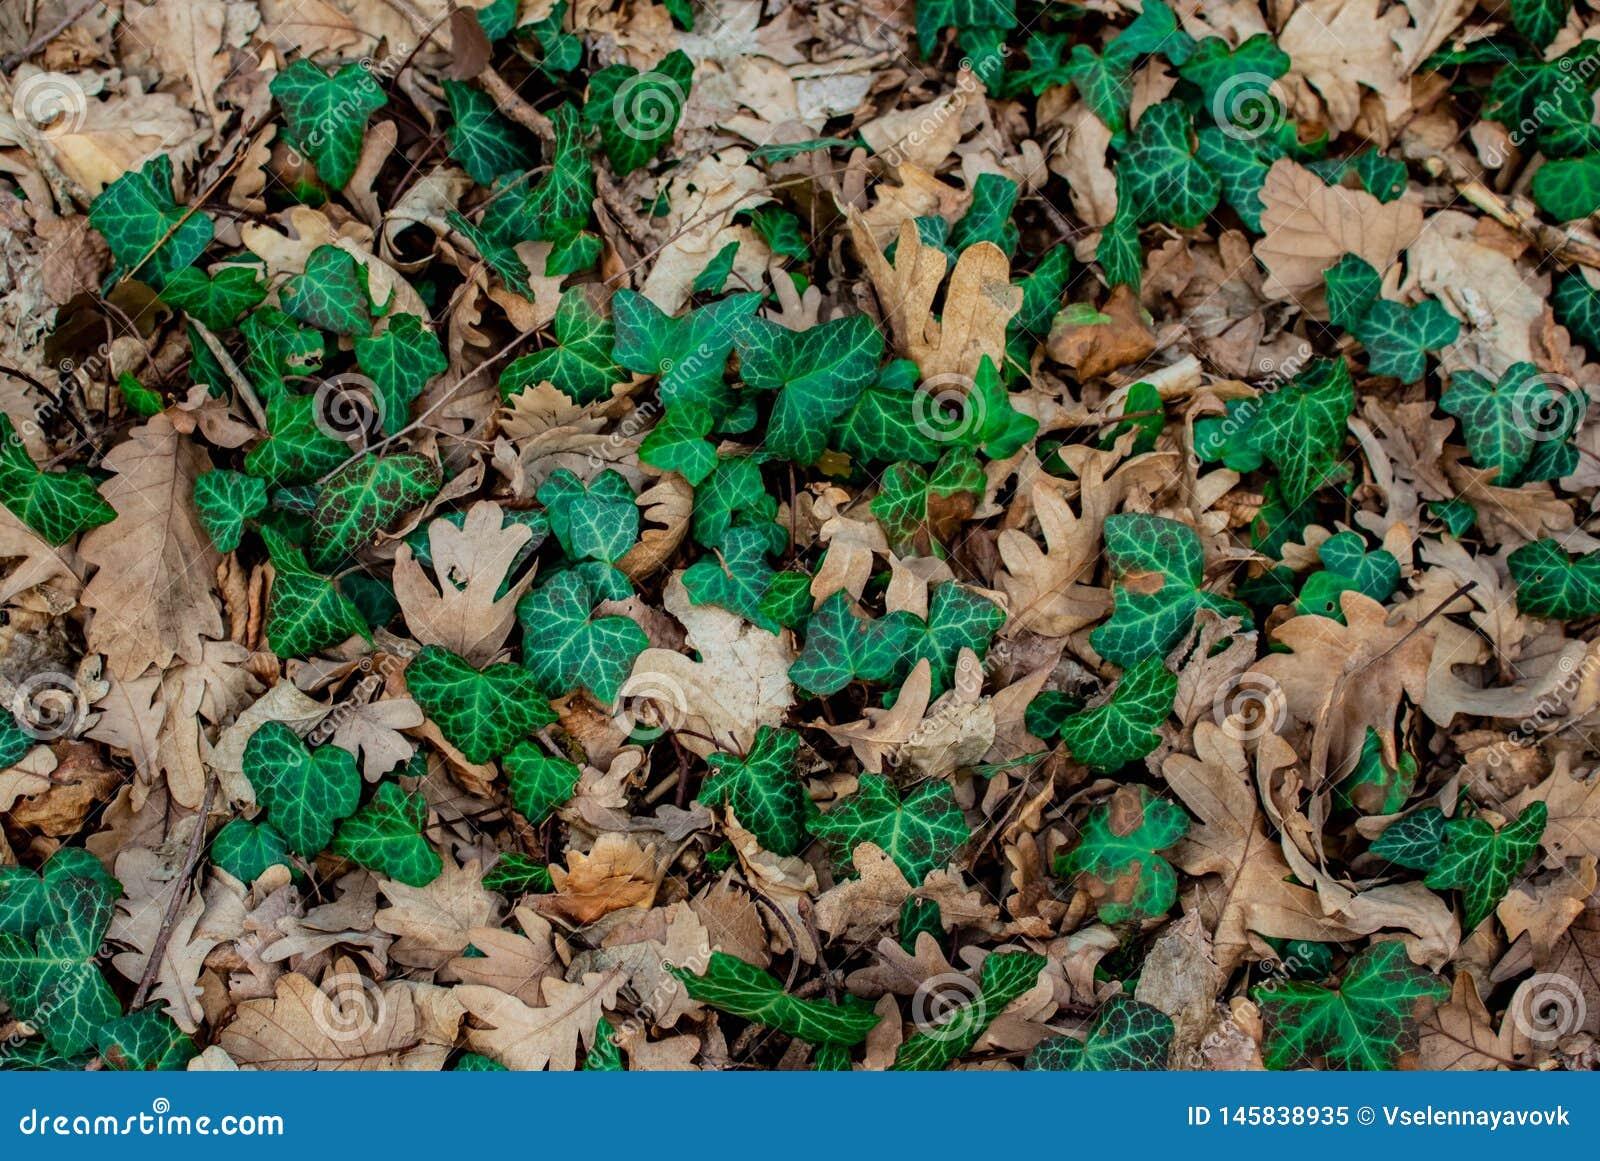 Grön bladlian i torra eksidor